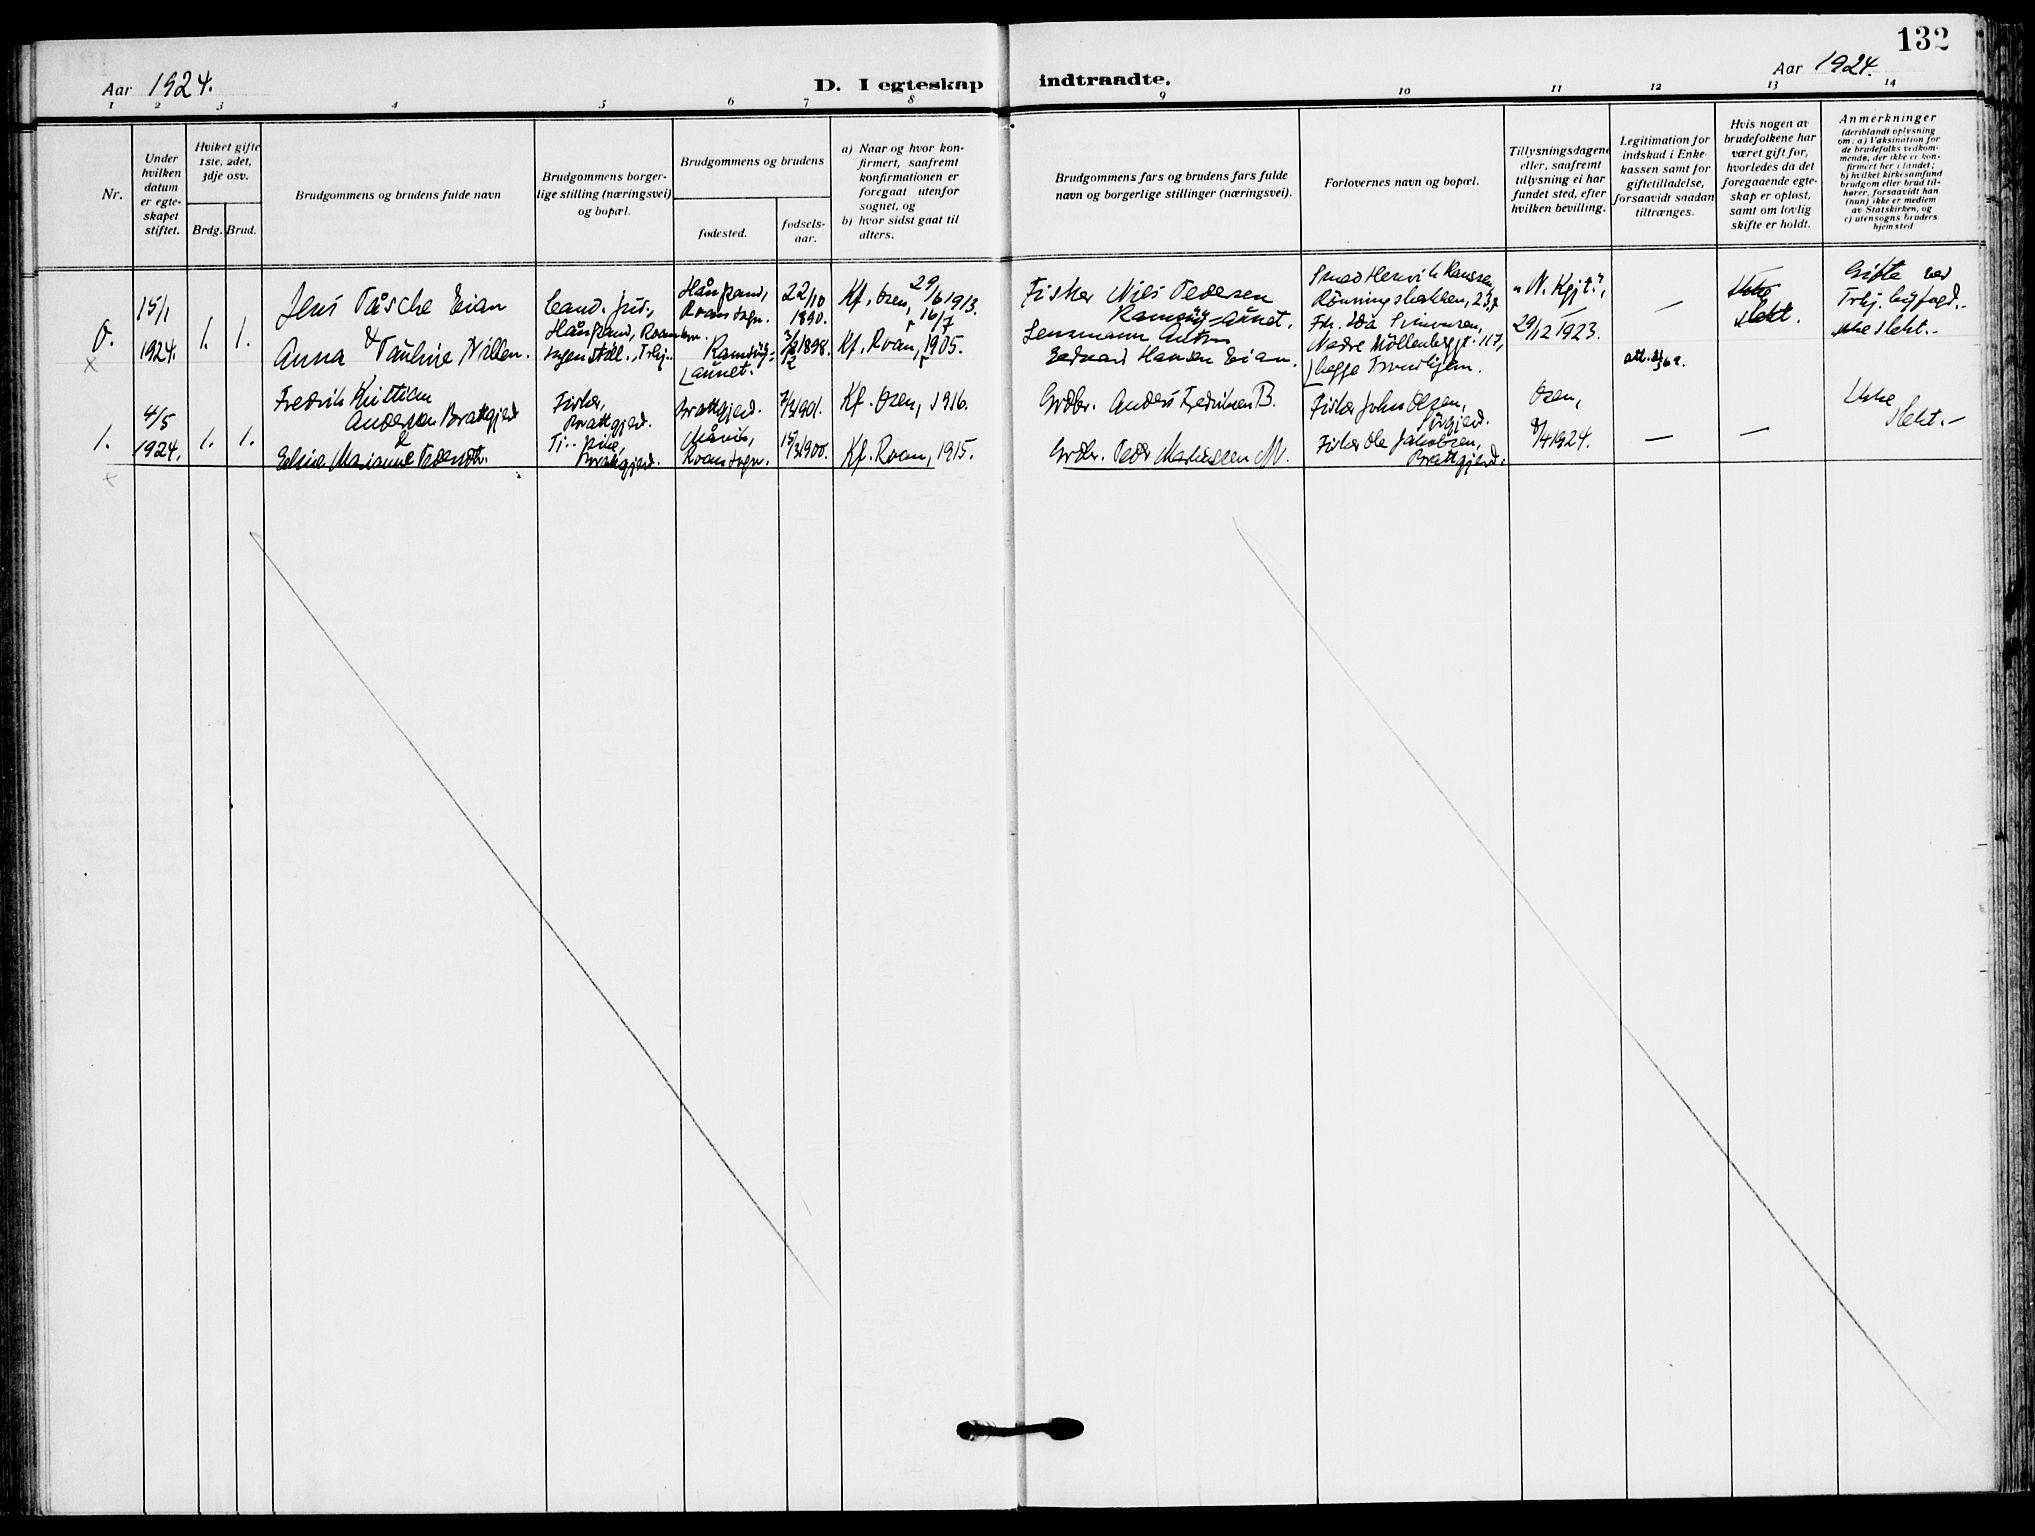 SAT, Ministerialprotokoller, klokkerbøker og fødselsregistre - Sør-Trøndelag, 658/L0724: Ministerialbok nr. 658A03, 1912-1924, s. 132